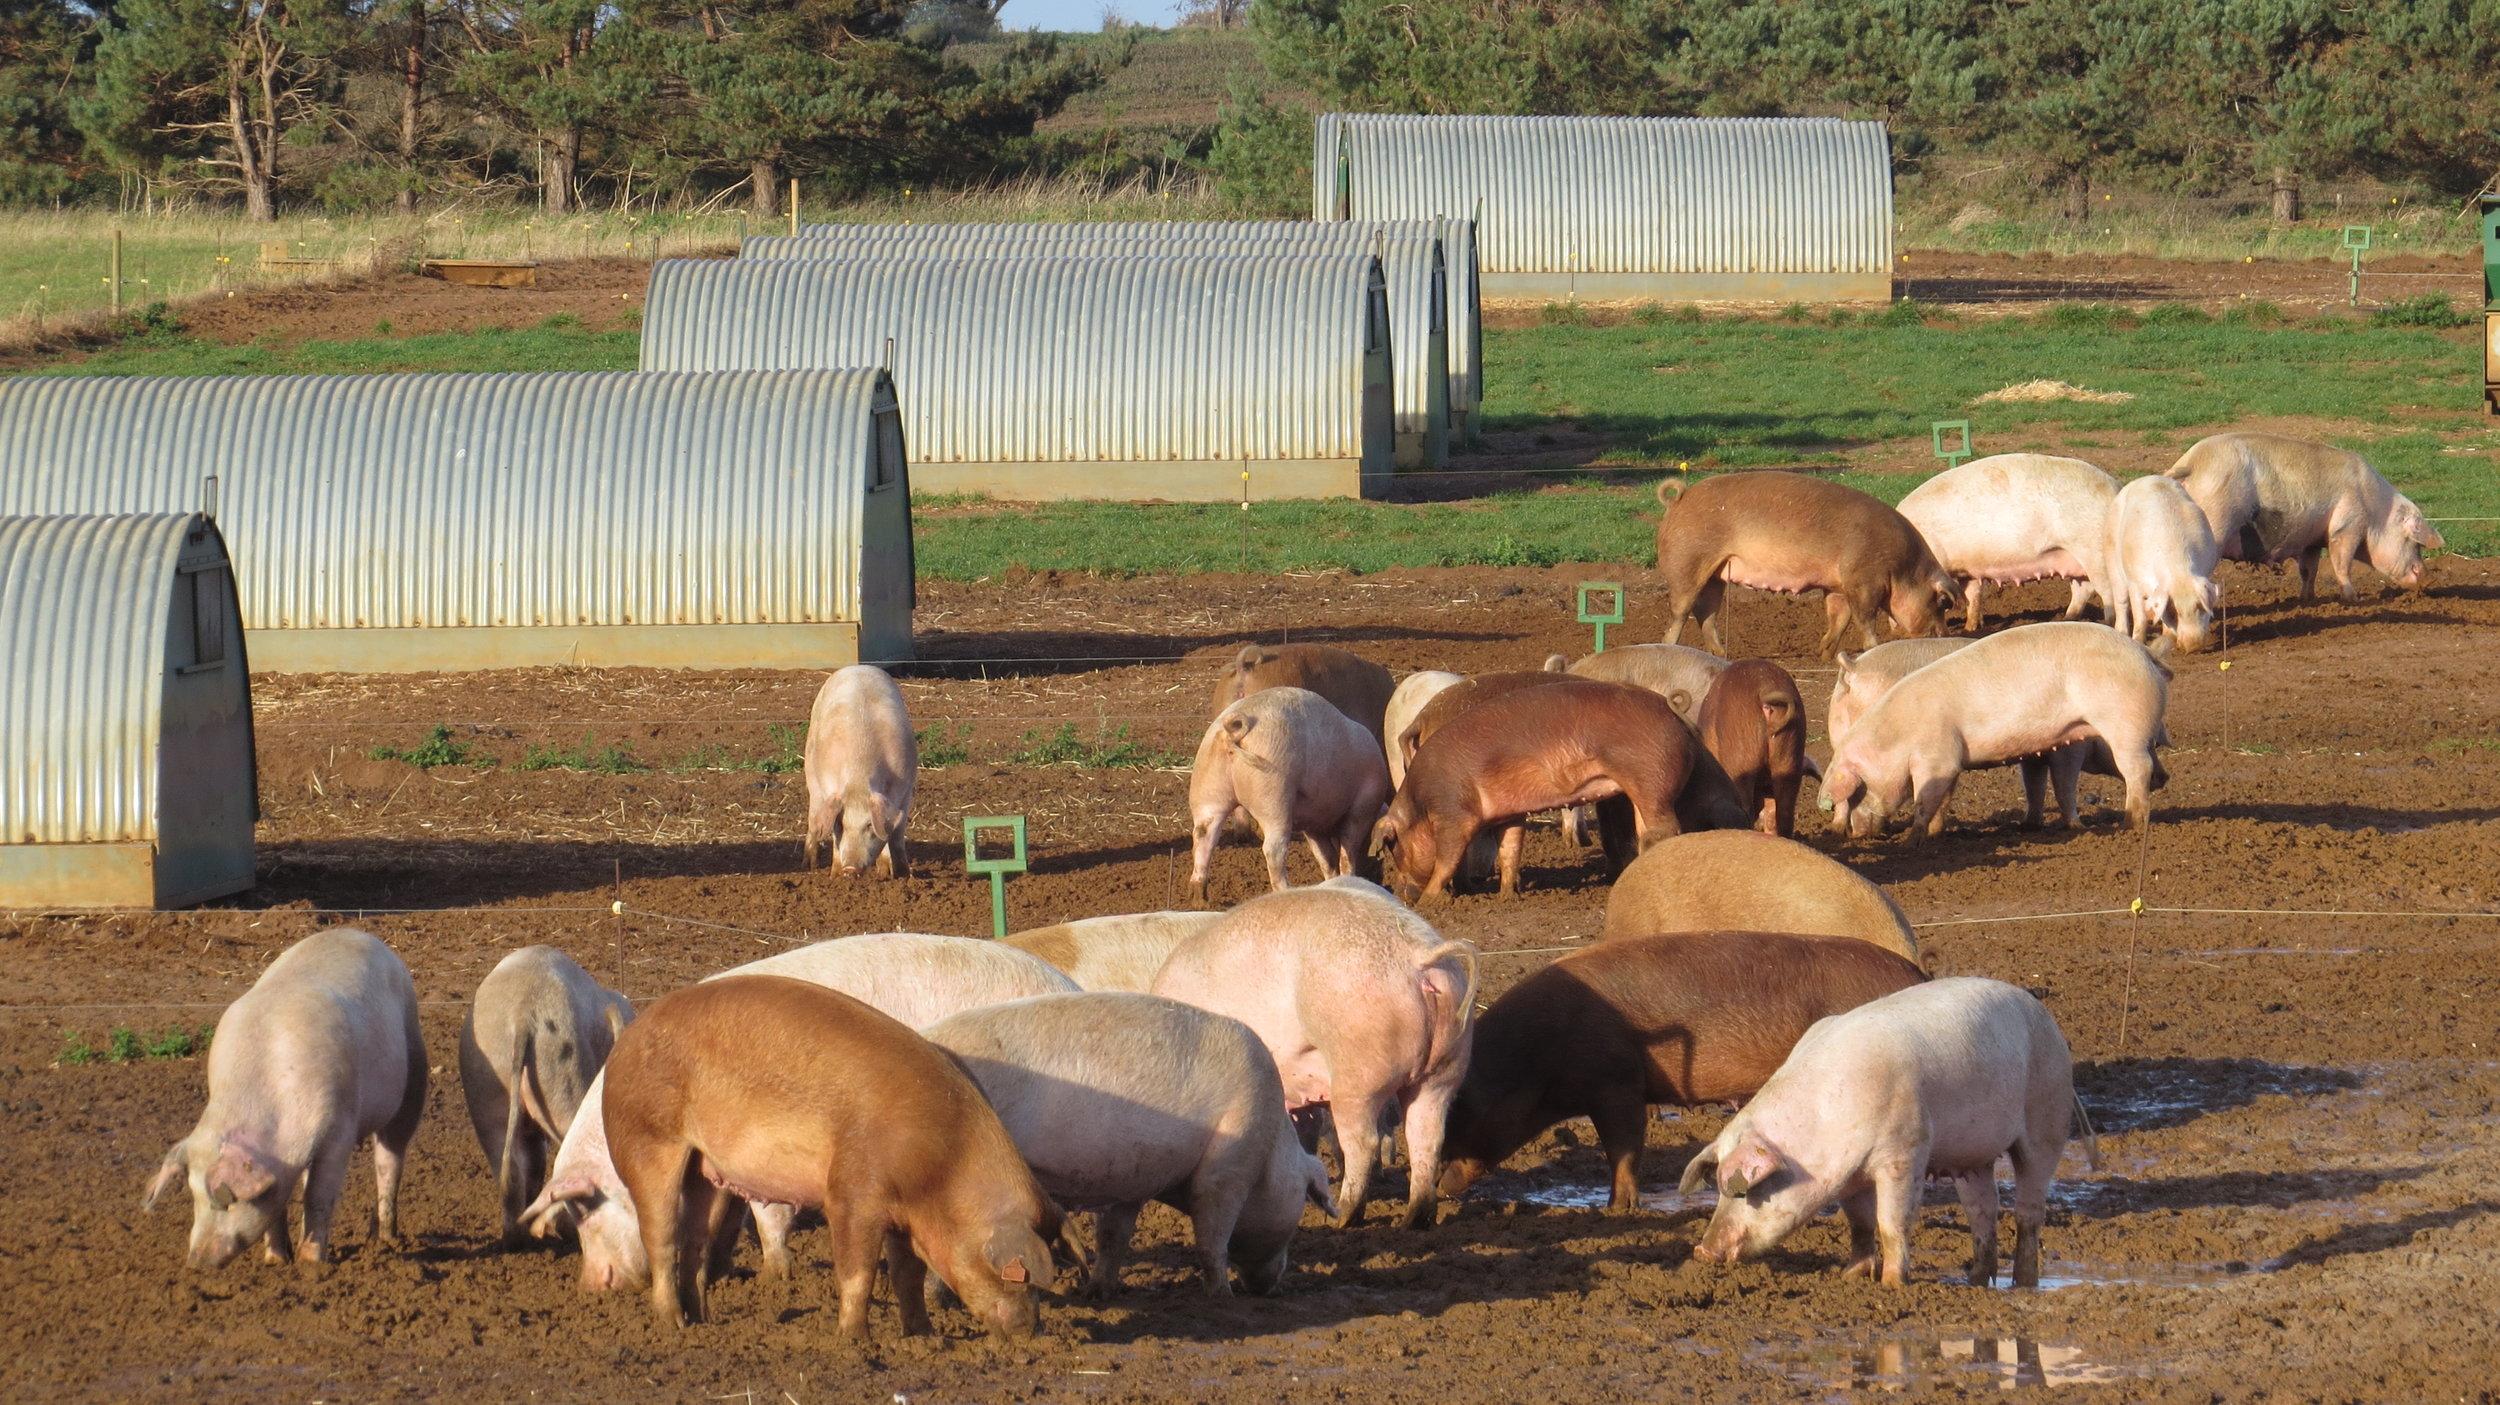 Suffolk Pigs